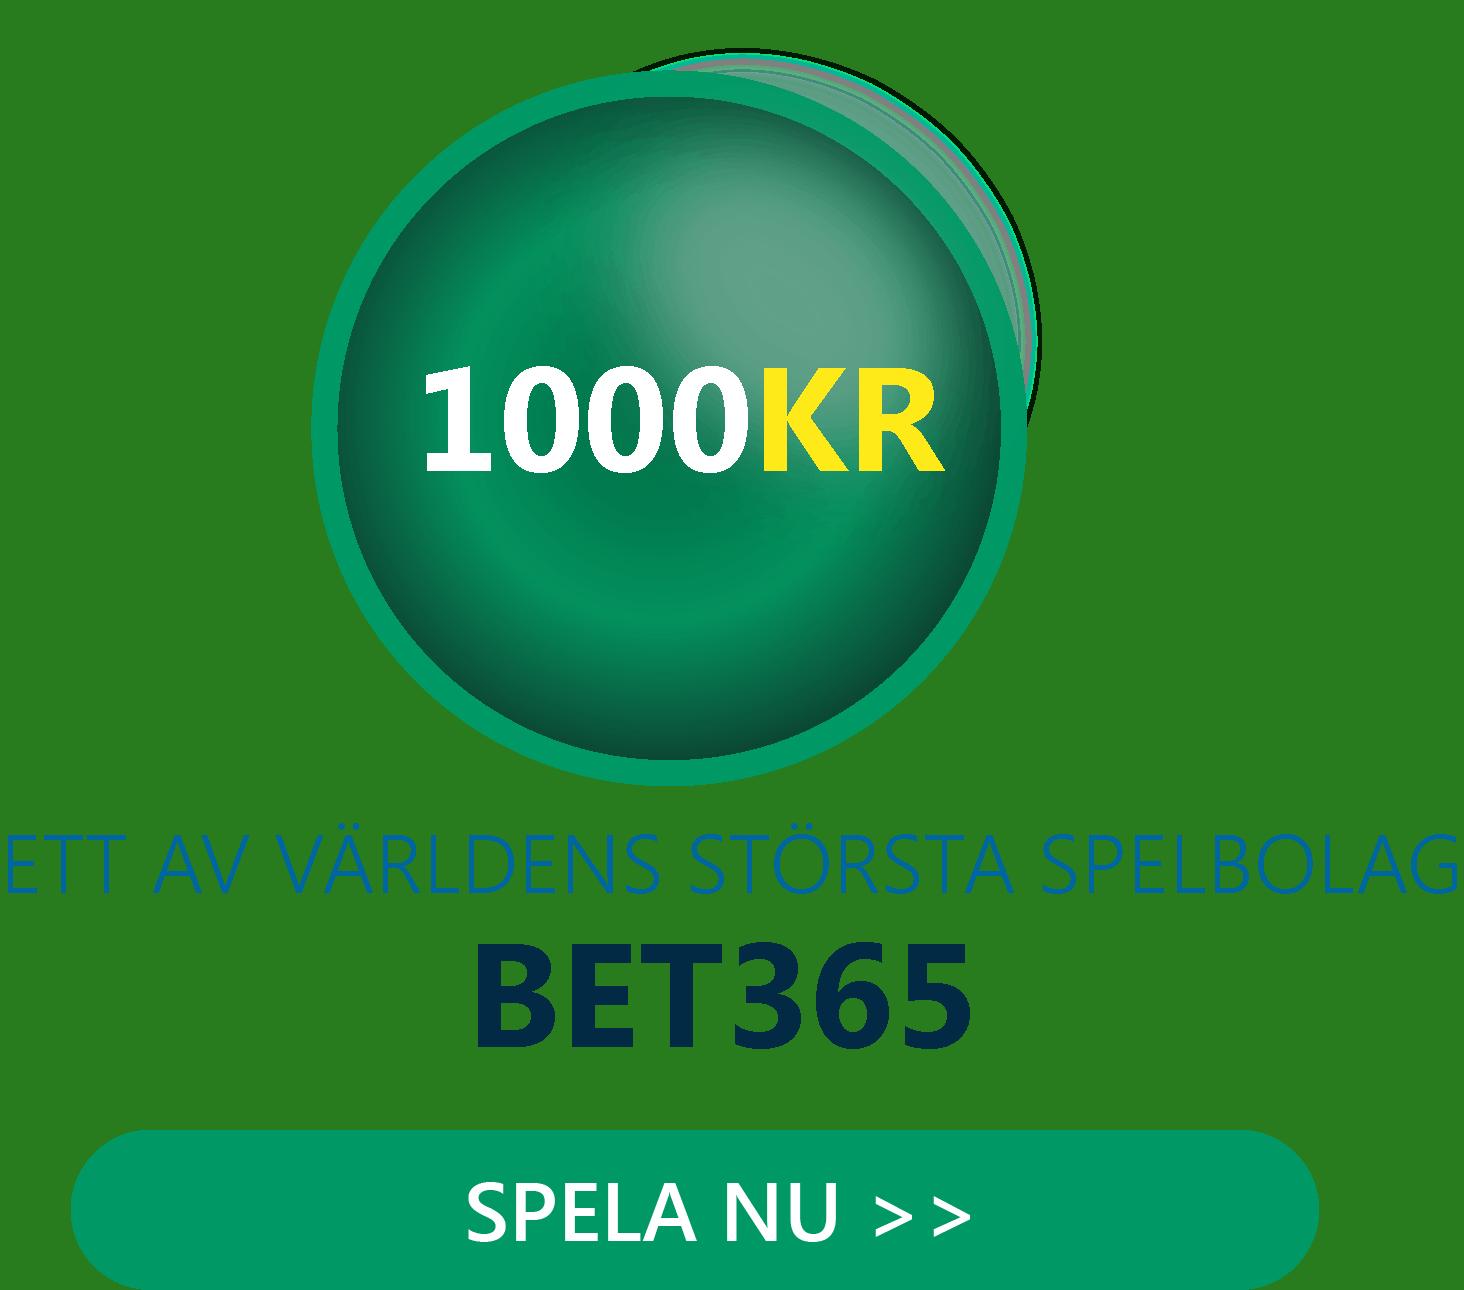 Spela på Bet365 som miljoner andra